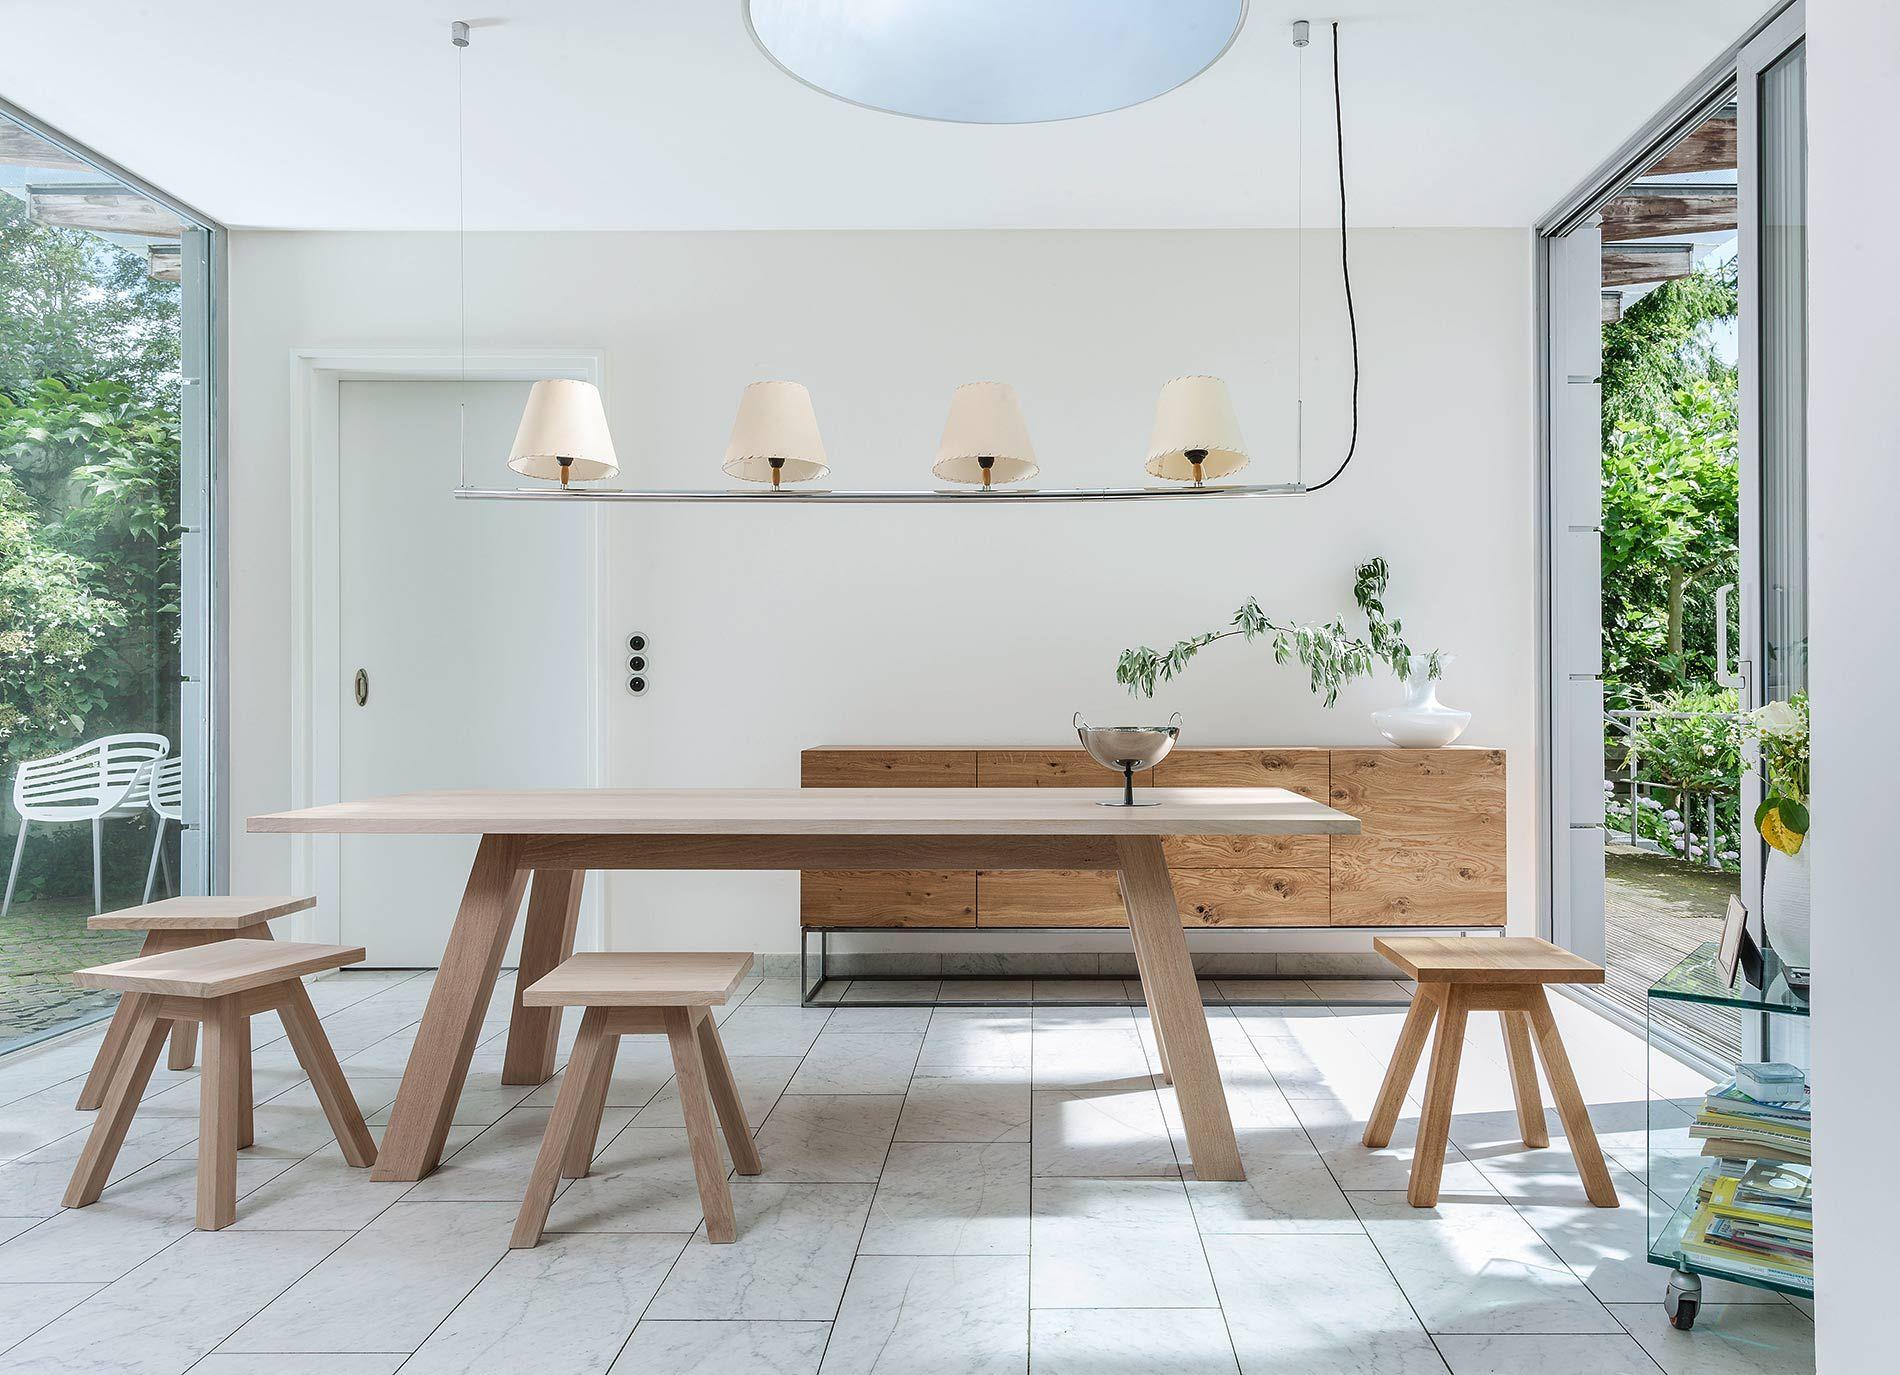 massivholzm bel aus eiche von der deutschen manufaktur form exklusiv esszimmer diningroom. Black Bedroom Furniture Sets. Home Design Ideas